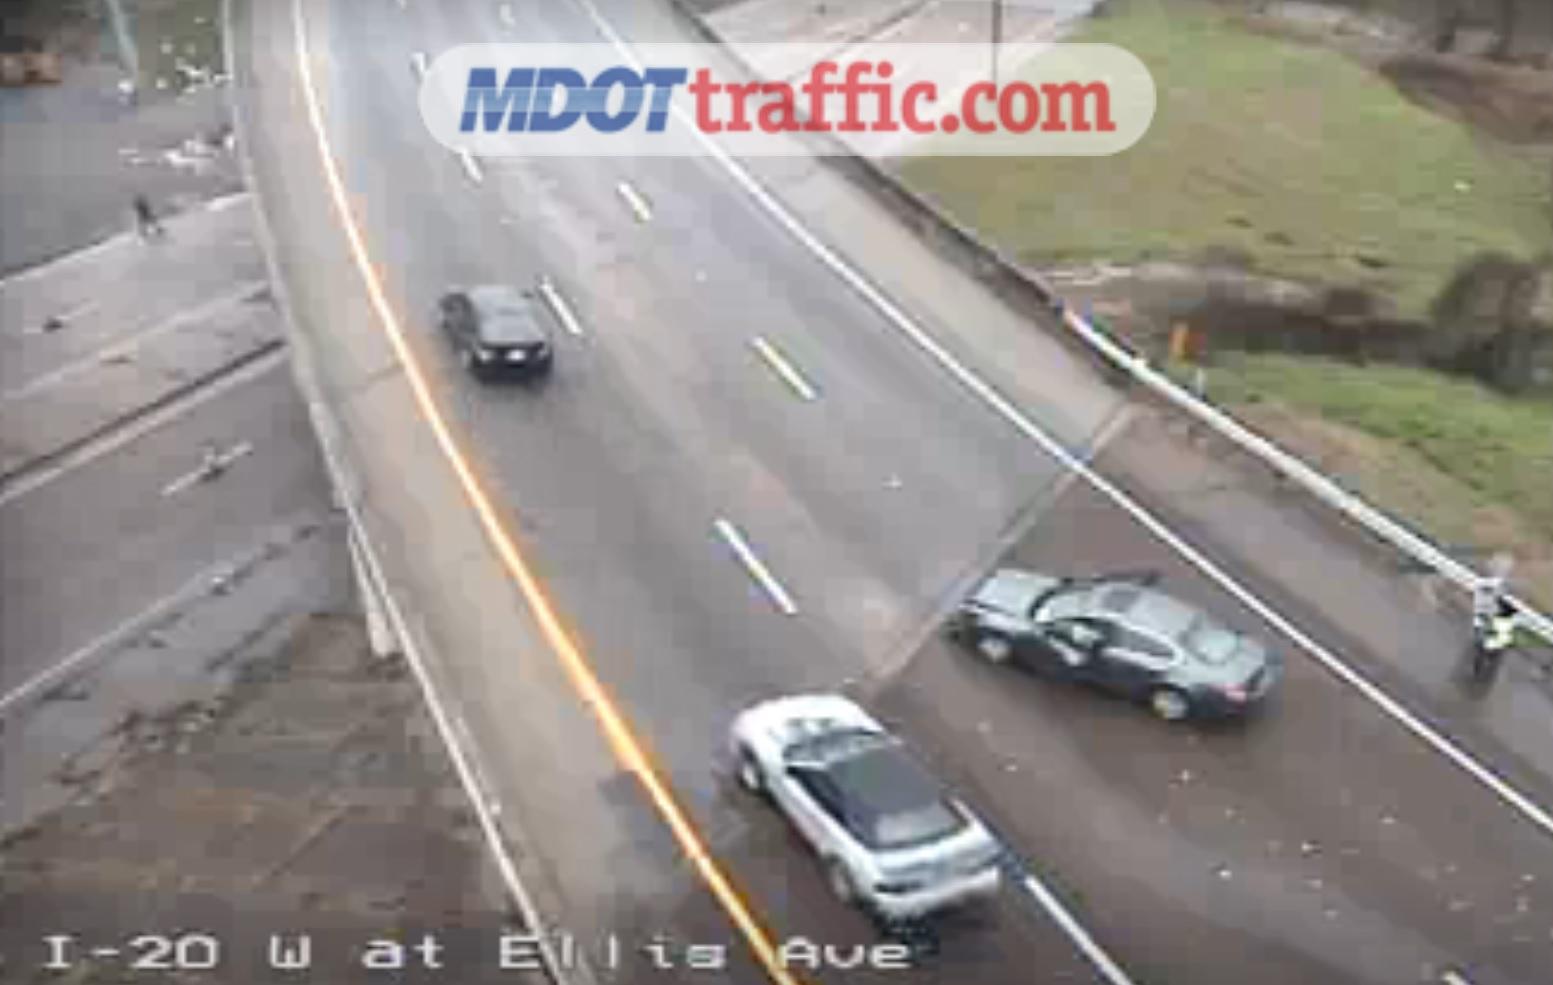 TRAFFIC: Crash on I-20 before I-55 exit